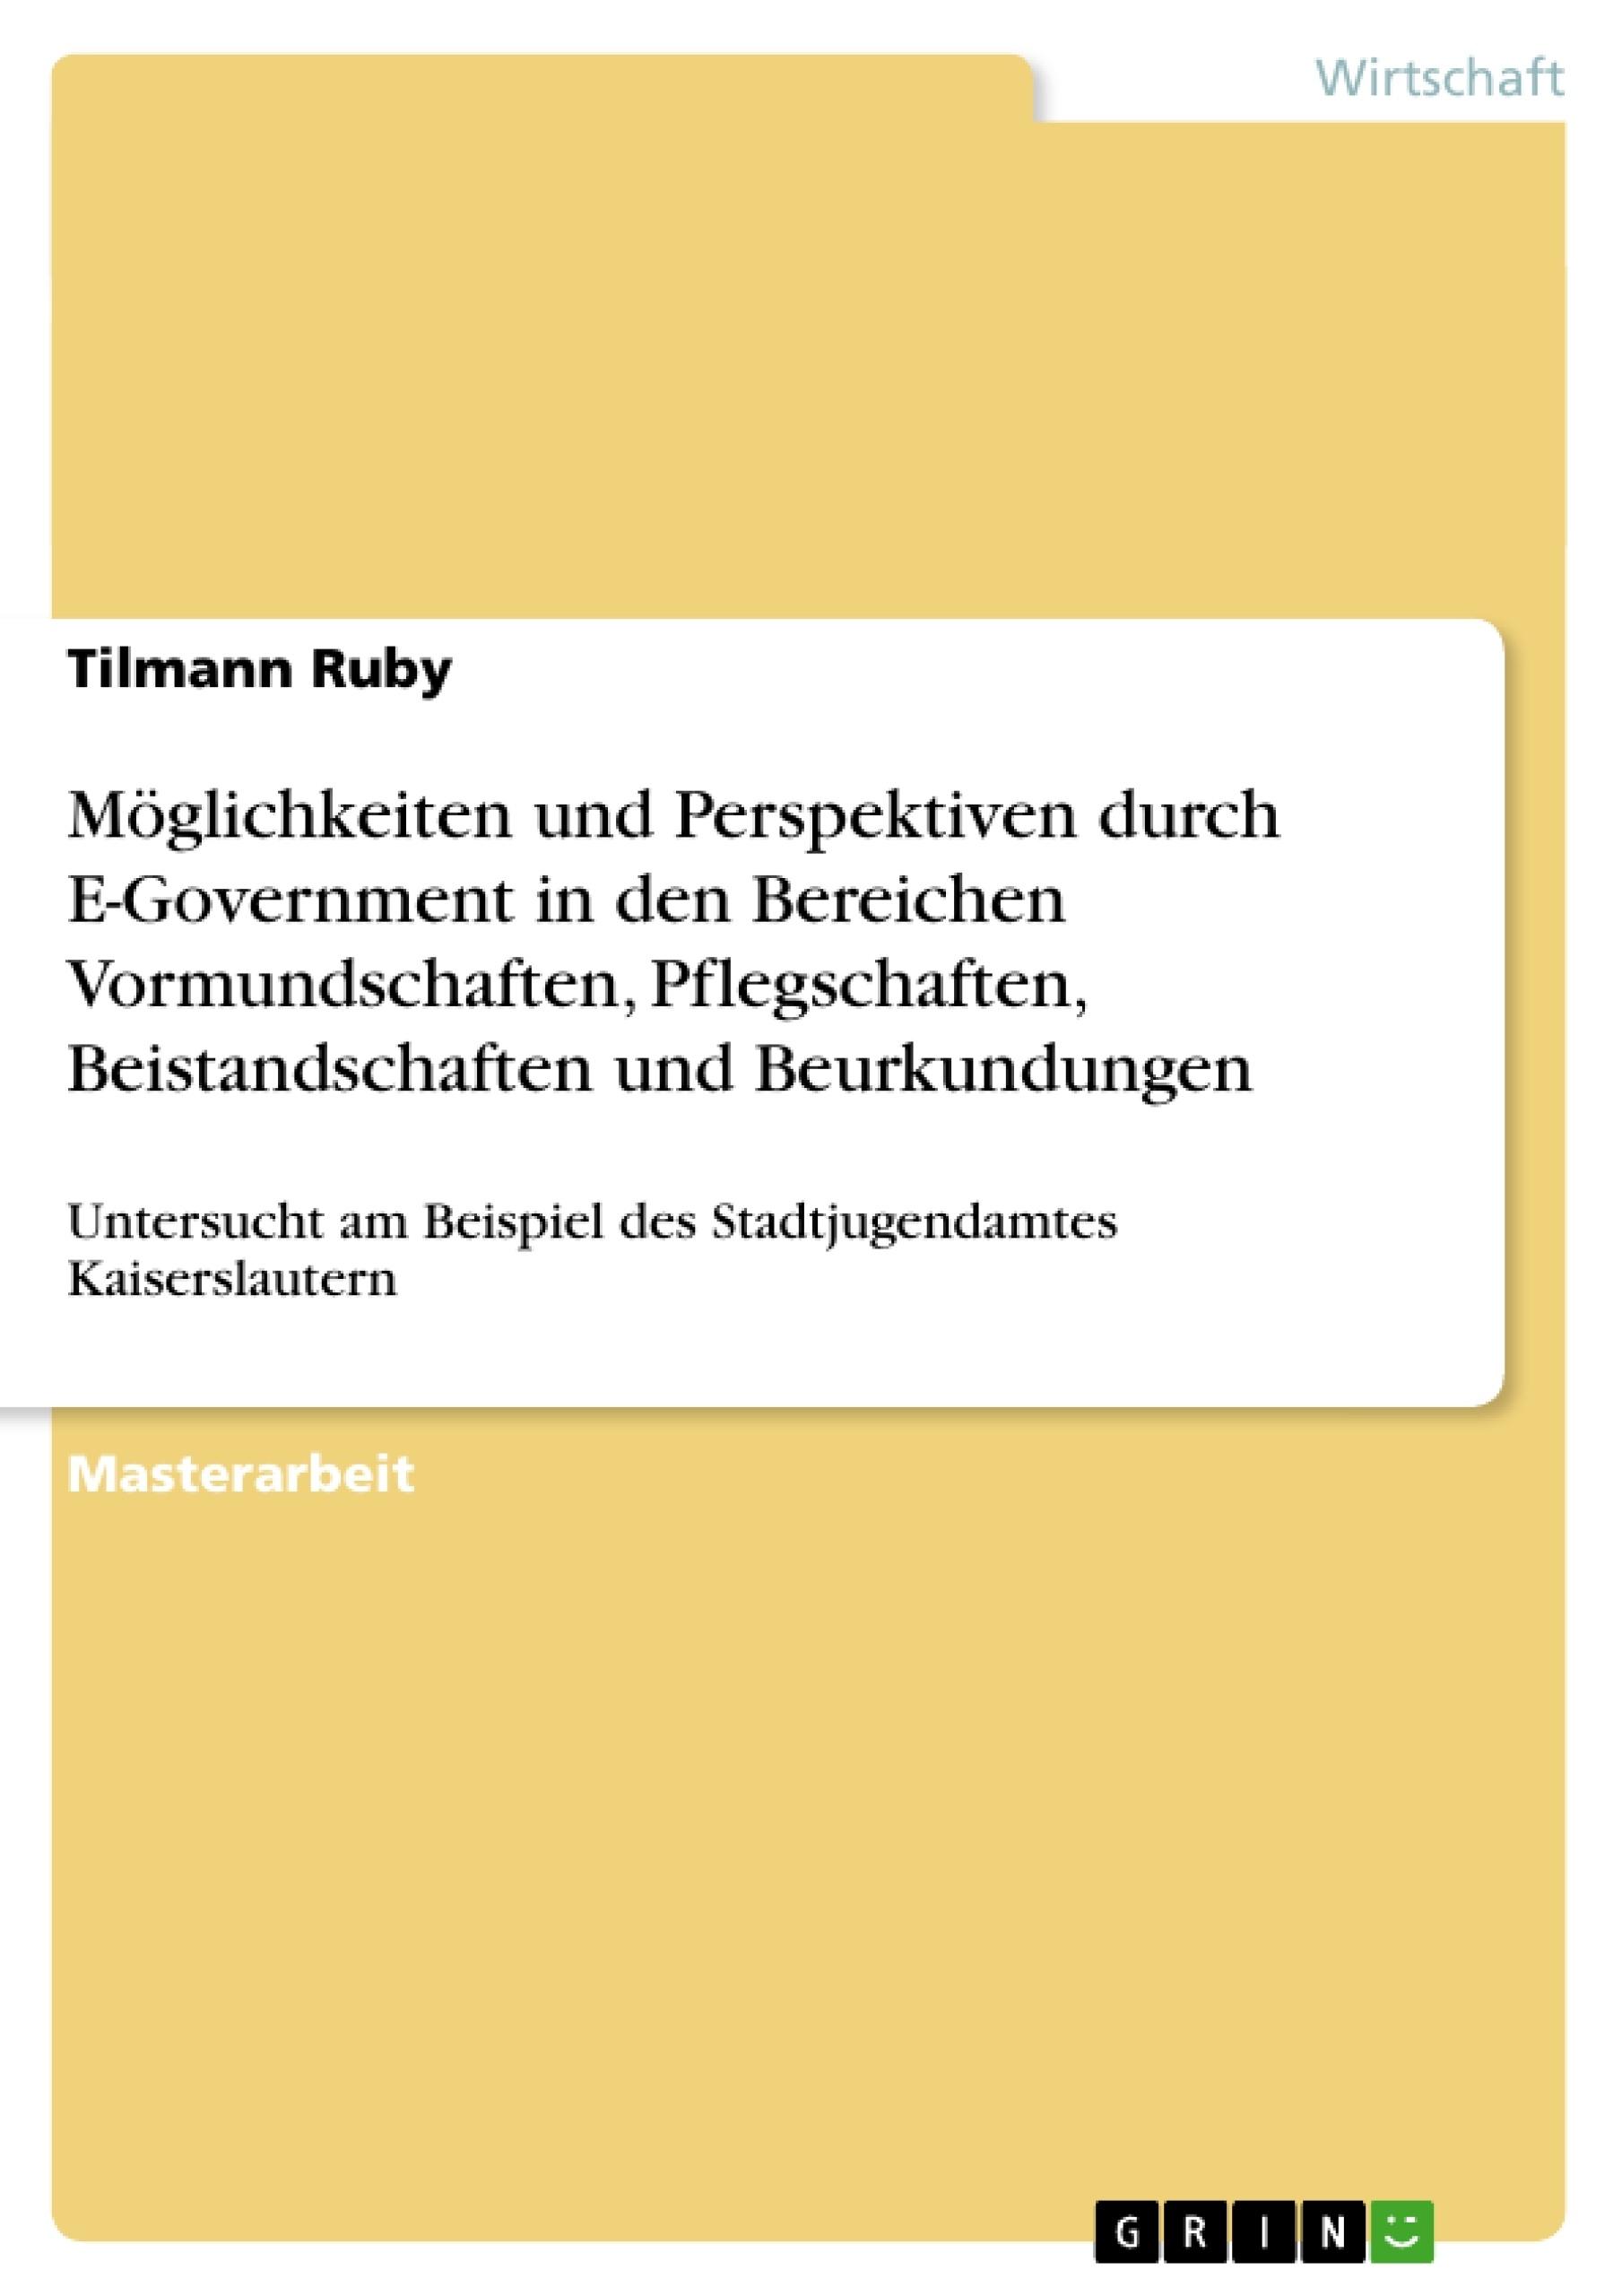 Titel: Möglichkeiten und Perspektiven durch E-Government in den Bereichen Vormundschaften, Pflegschaften, Beistandschaften und Beurkundungen